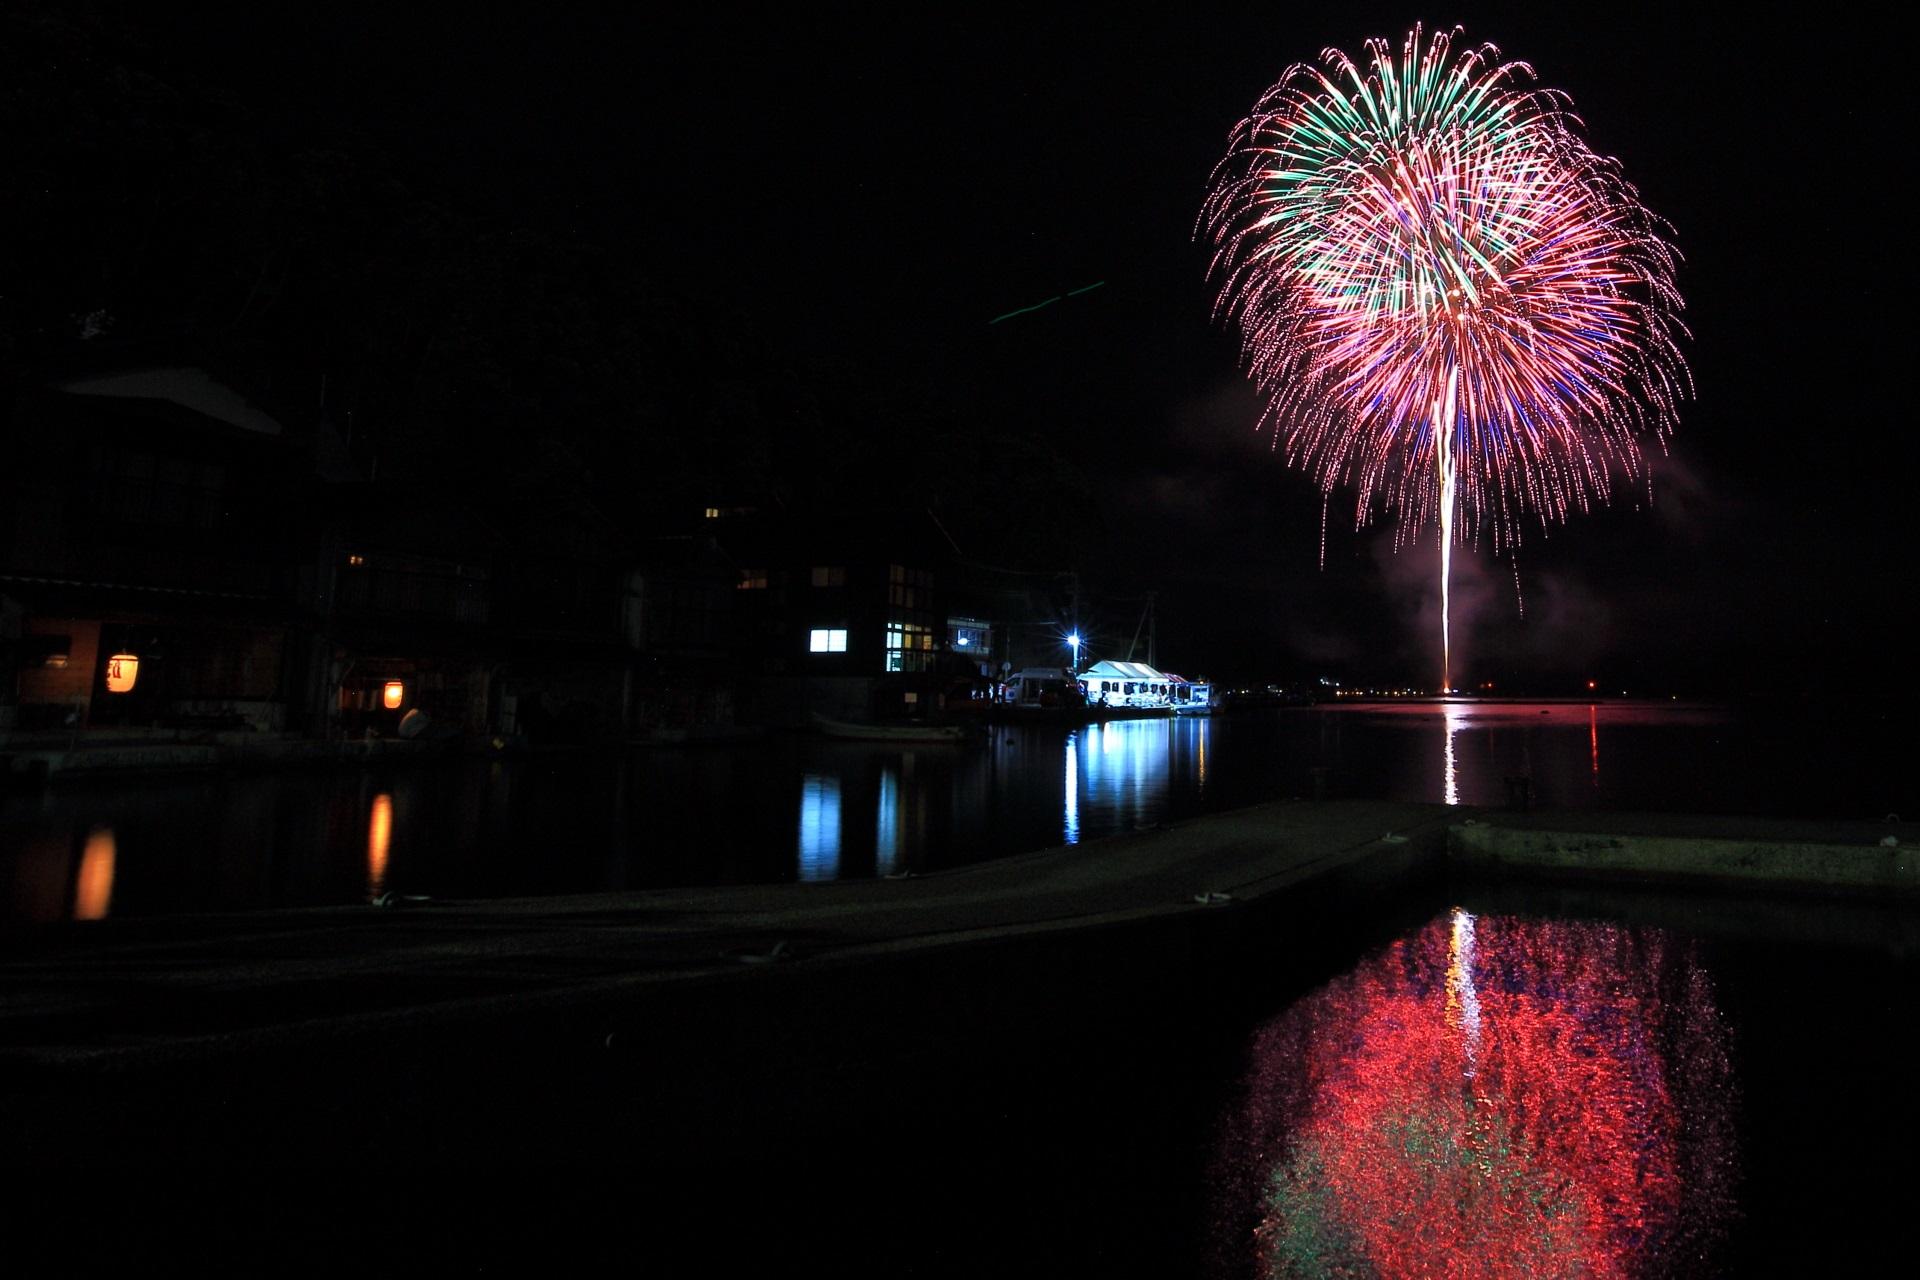 舟屋をはっきり写るように撮りたかった伊根町の花火大会